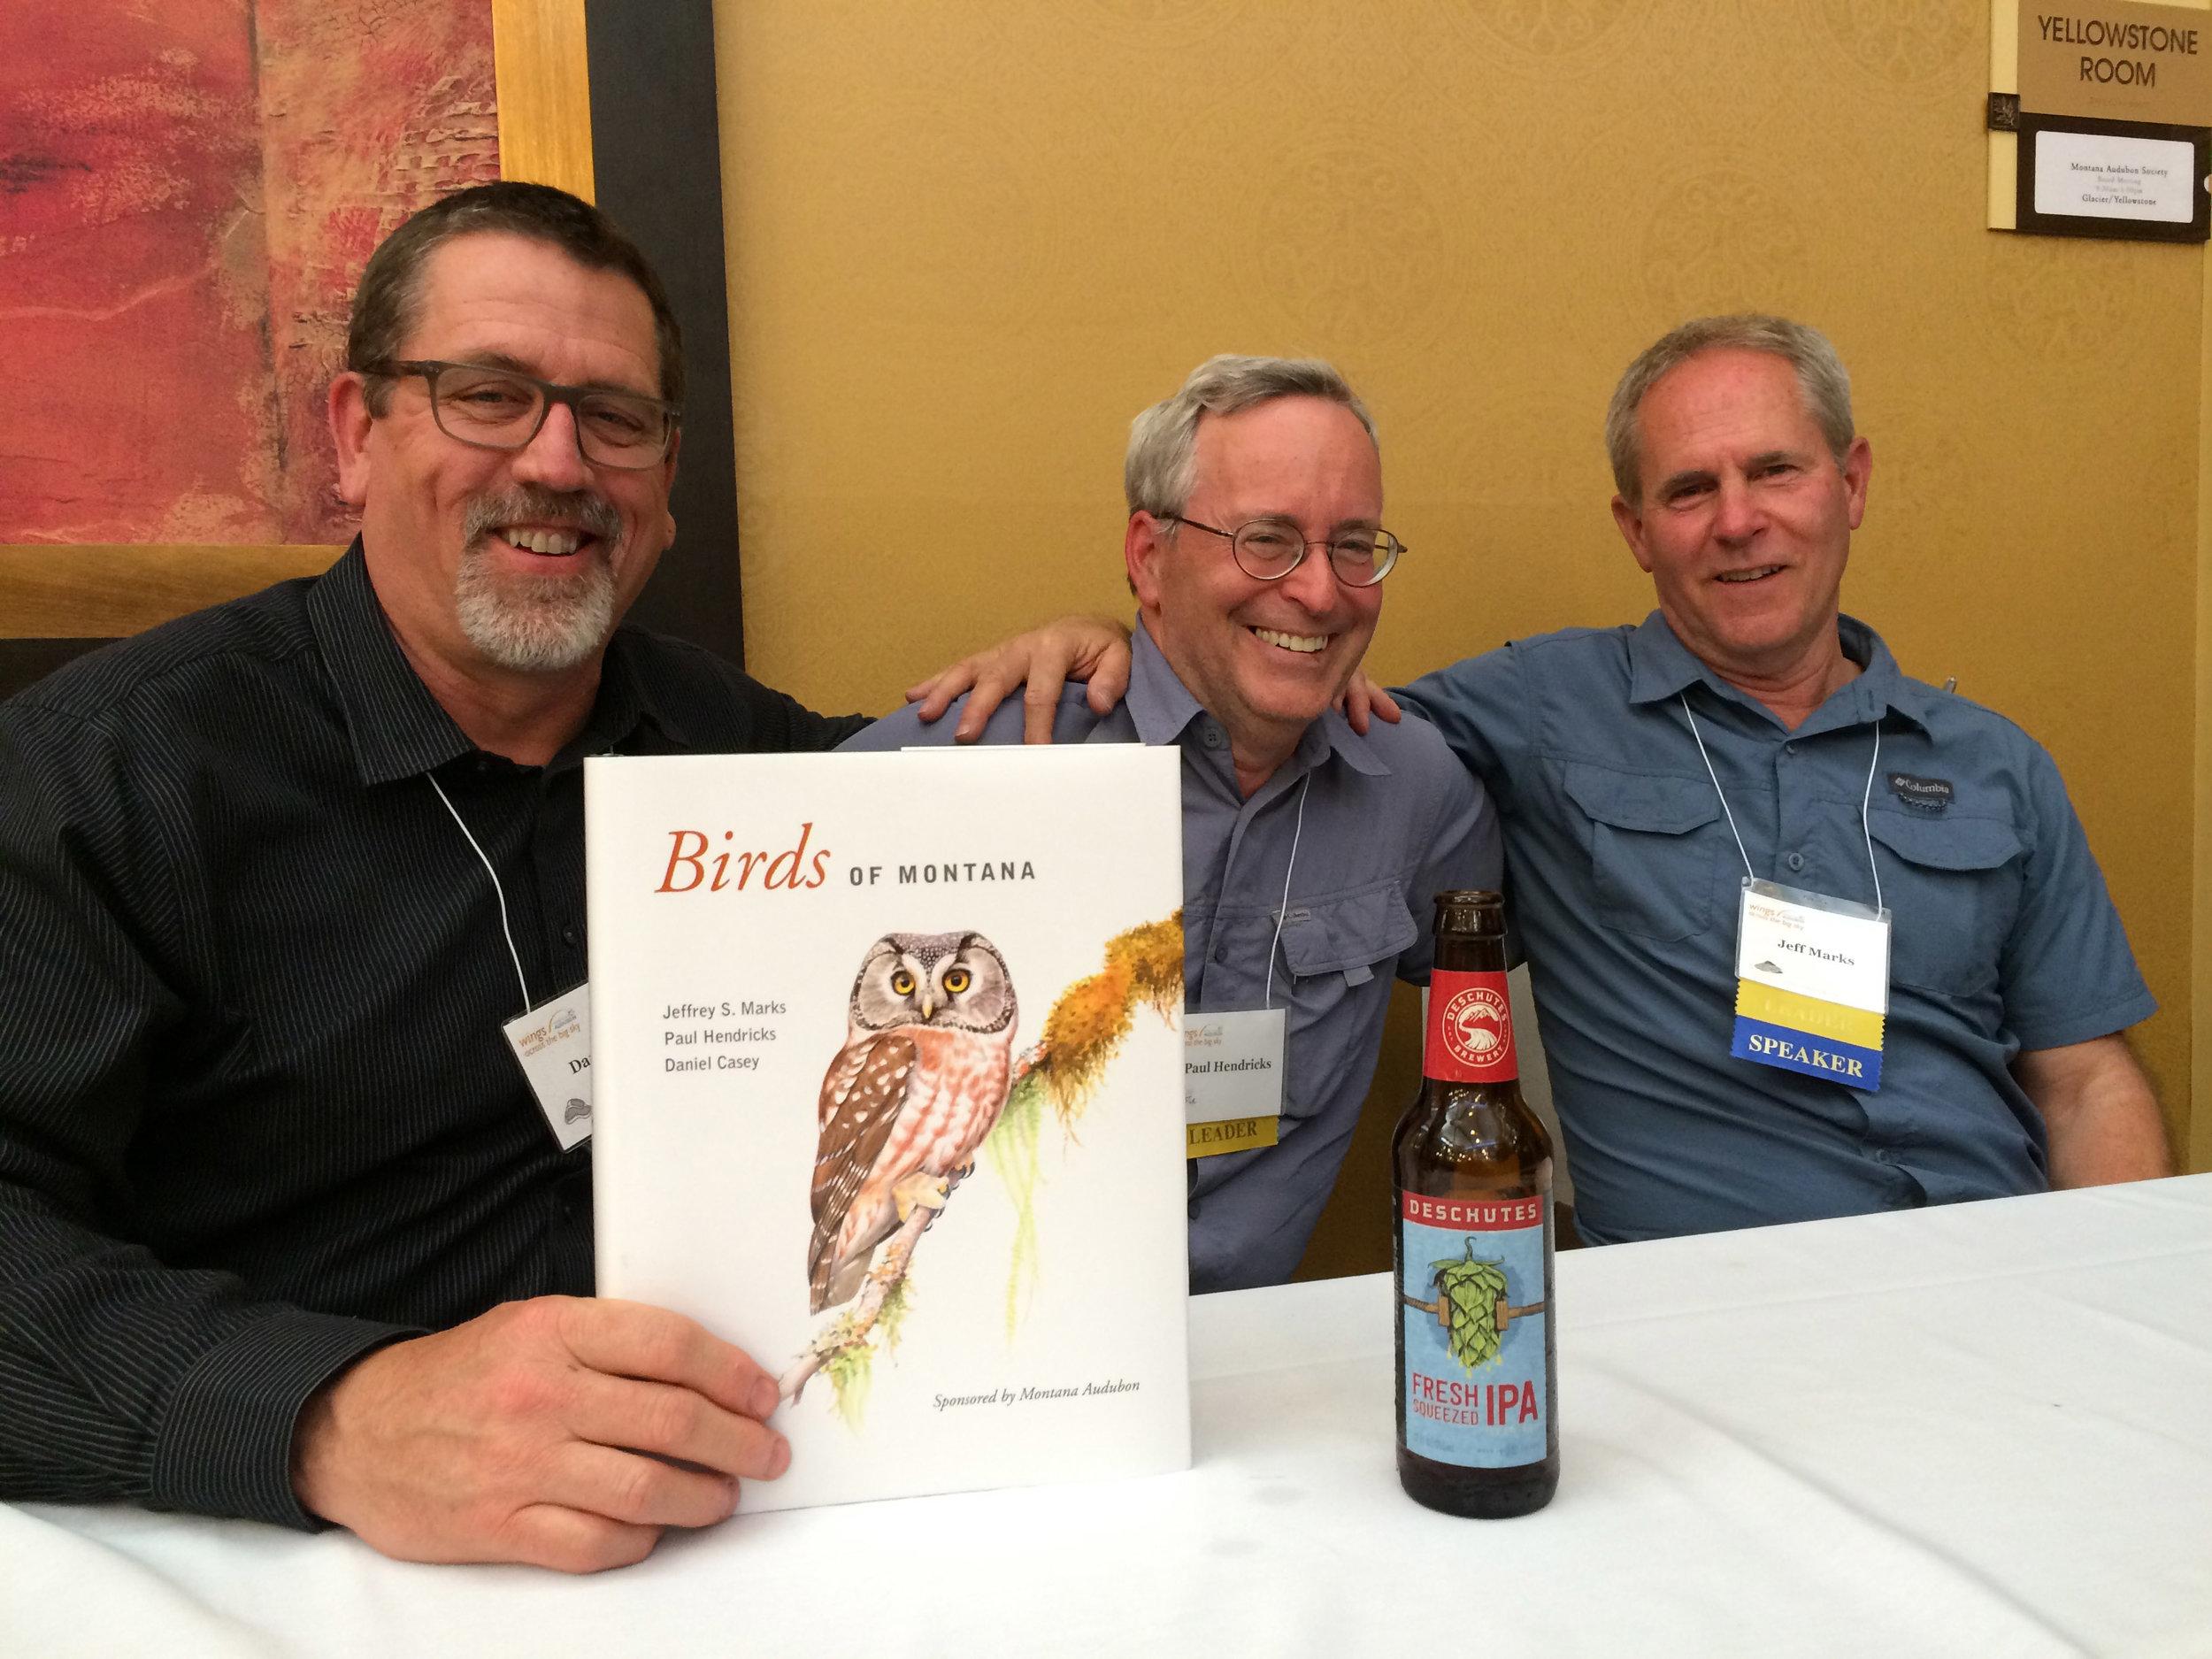 Dan, Paul, and Jeff at book signing in Missoula, June 2016